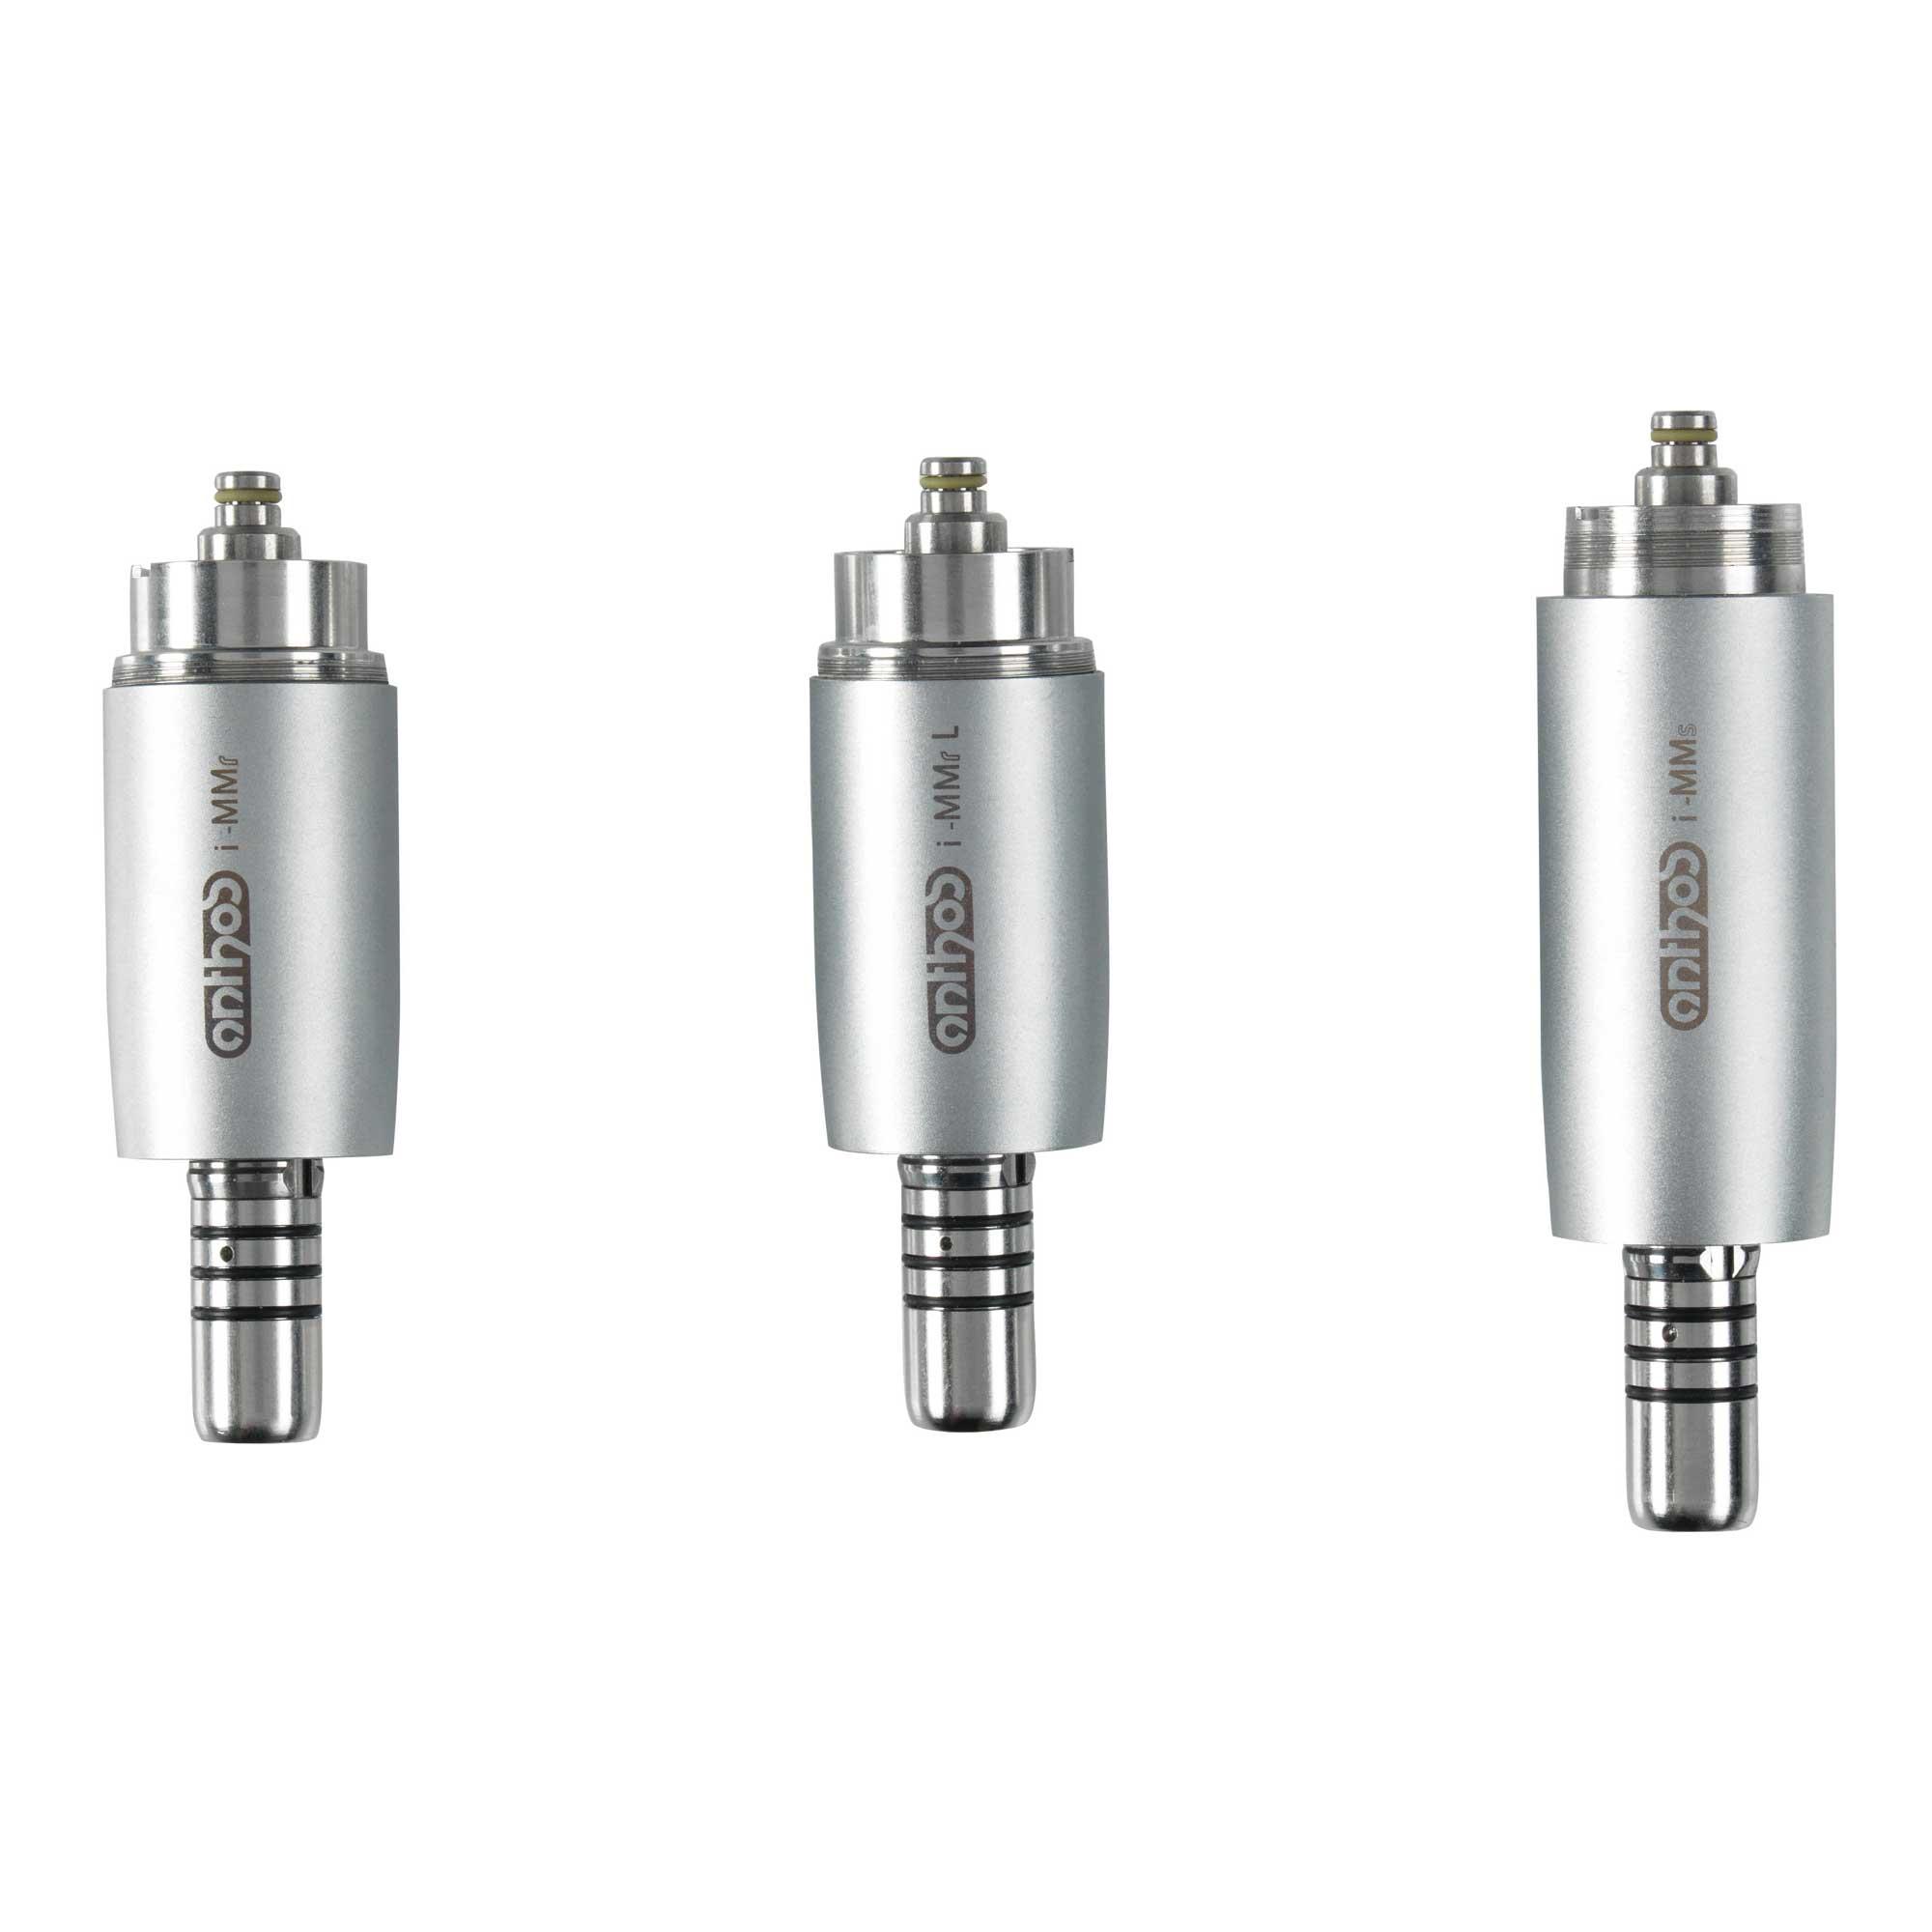 Mikromotoren i-MMrL / iMMs